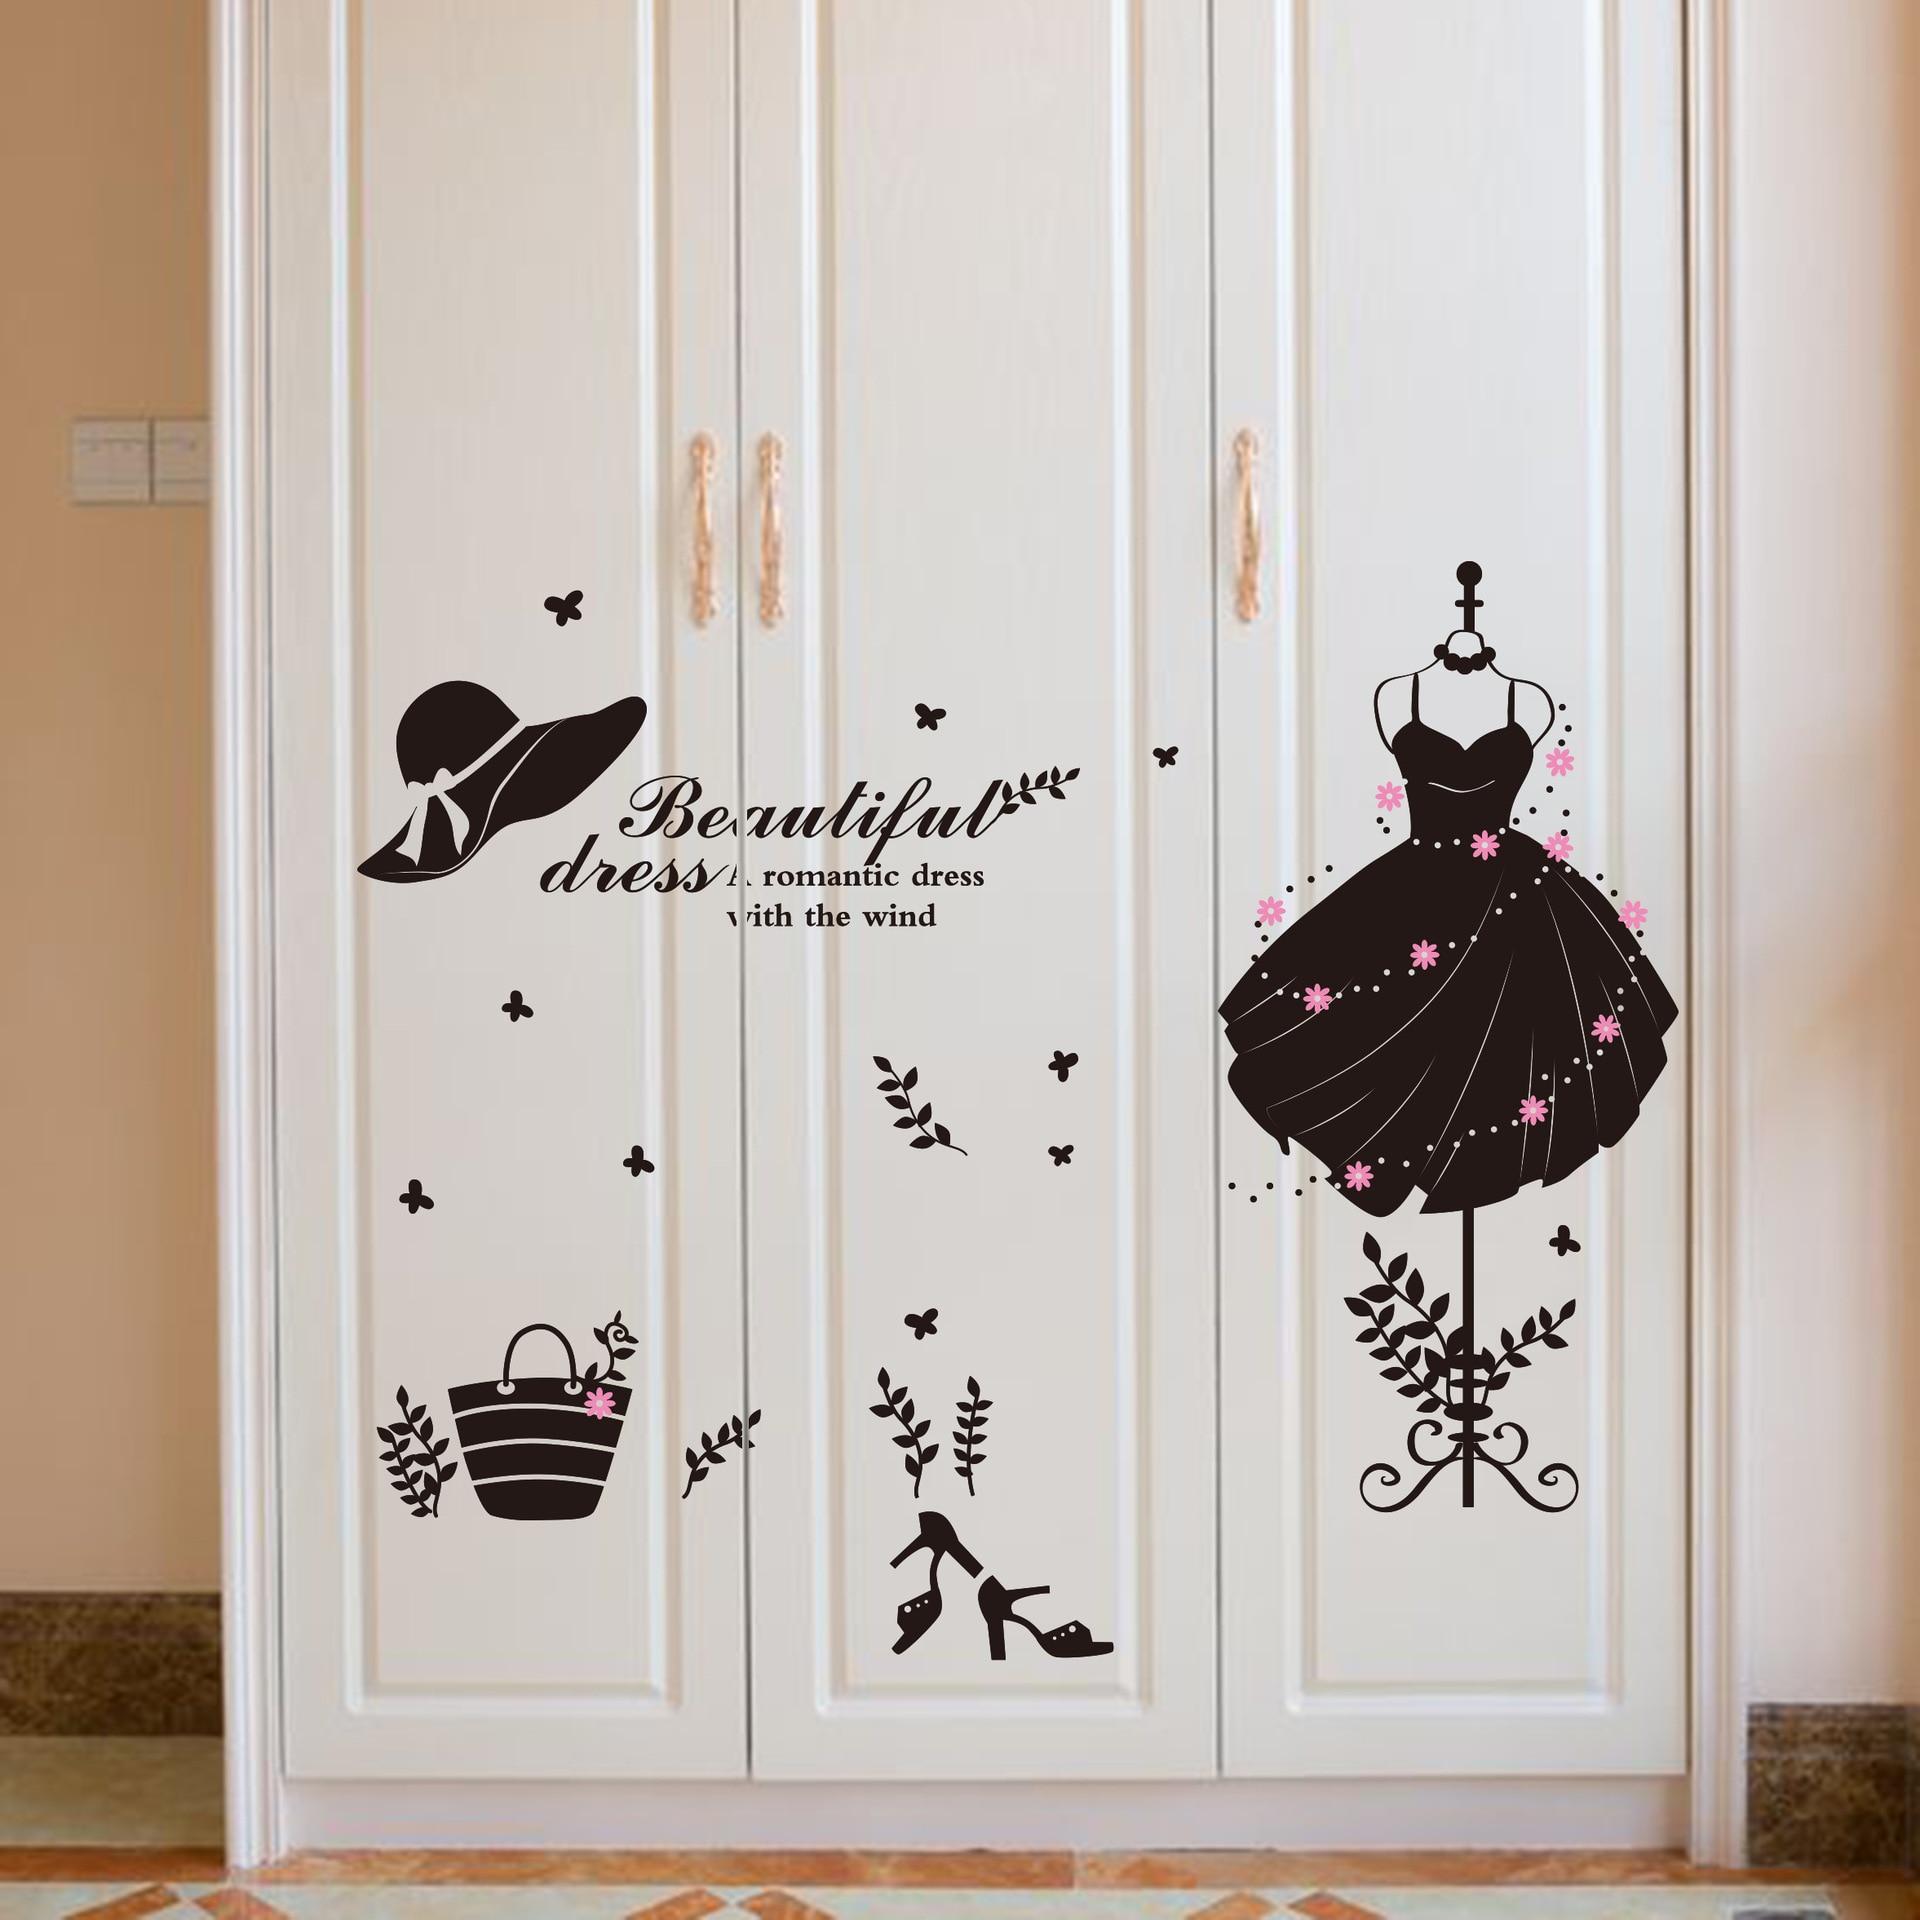 US $3.95 |Vestito FAI DA TE Decorativo Adesivo Da Parete In Vinile Adesivi  Murali Mobili Soggiorno camera Da Letto Vintage Home Decor Wall Decals-in  ...